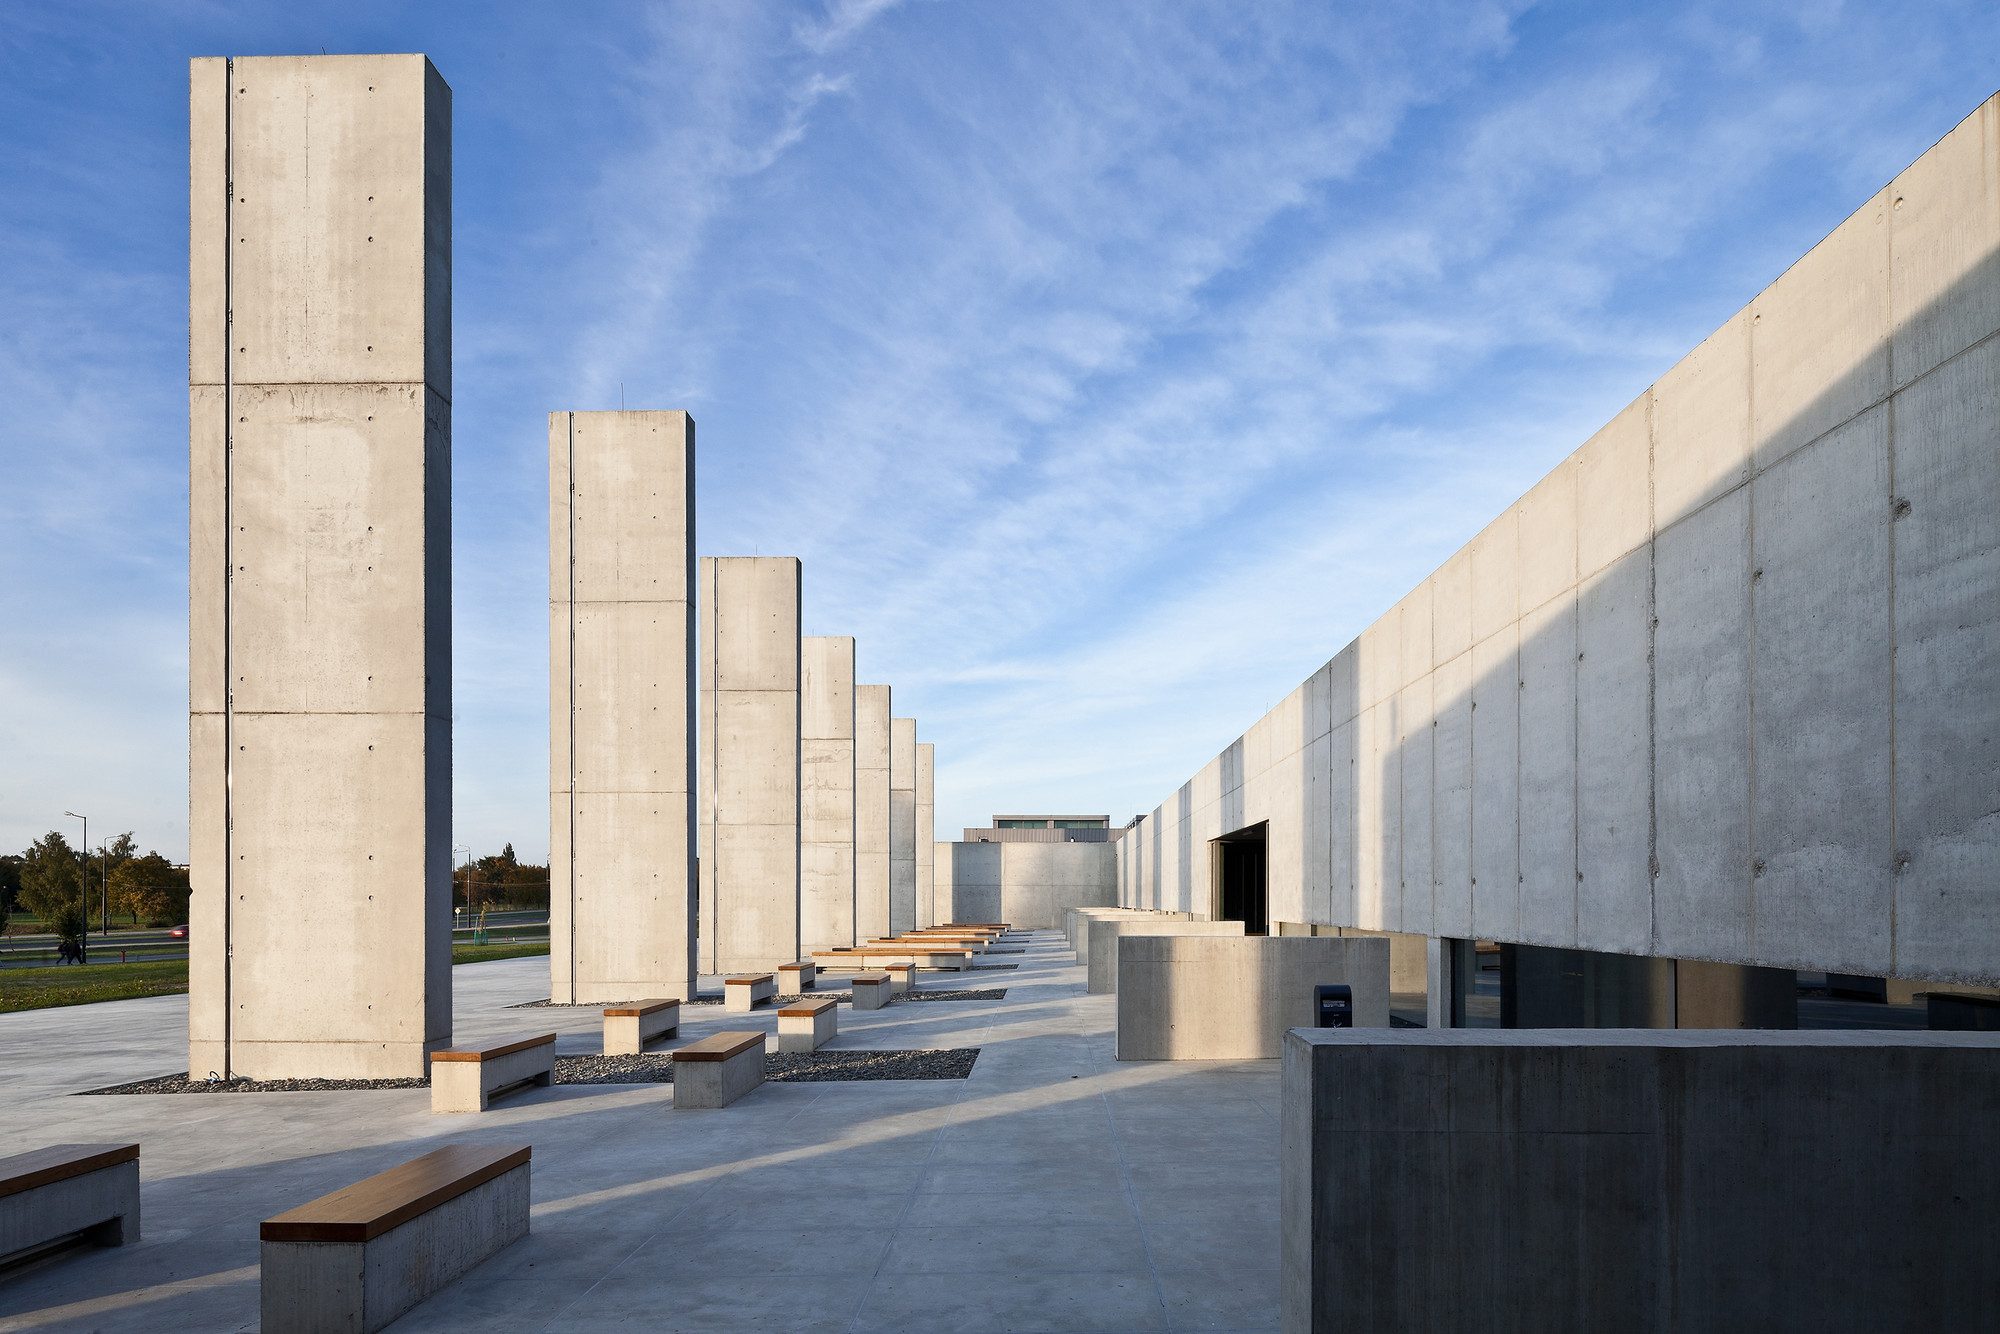 Lublin Science And Technology Park / Stelmach I Partnerzy Biuro Architektoniczne, © Marcin Czechowicz